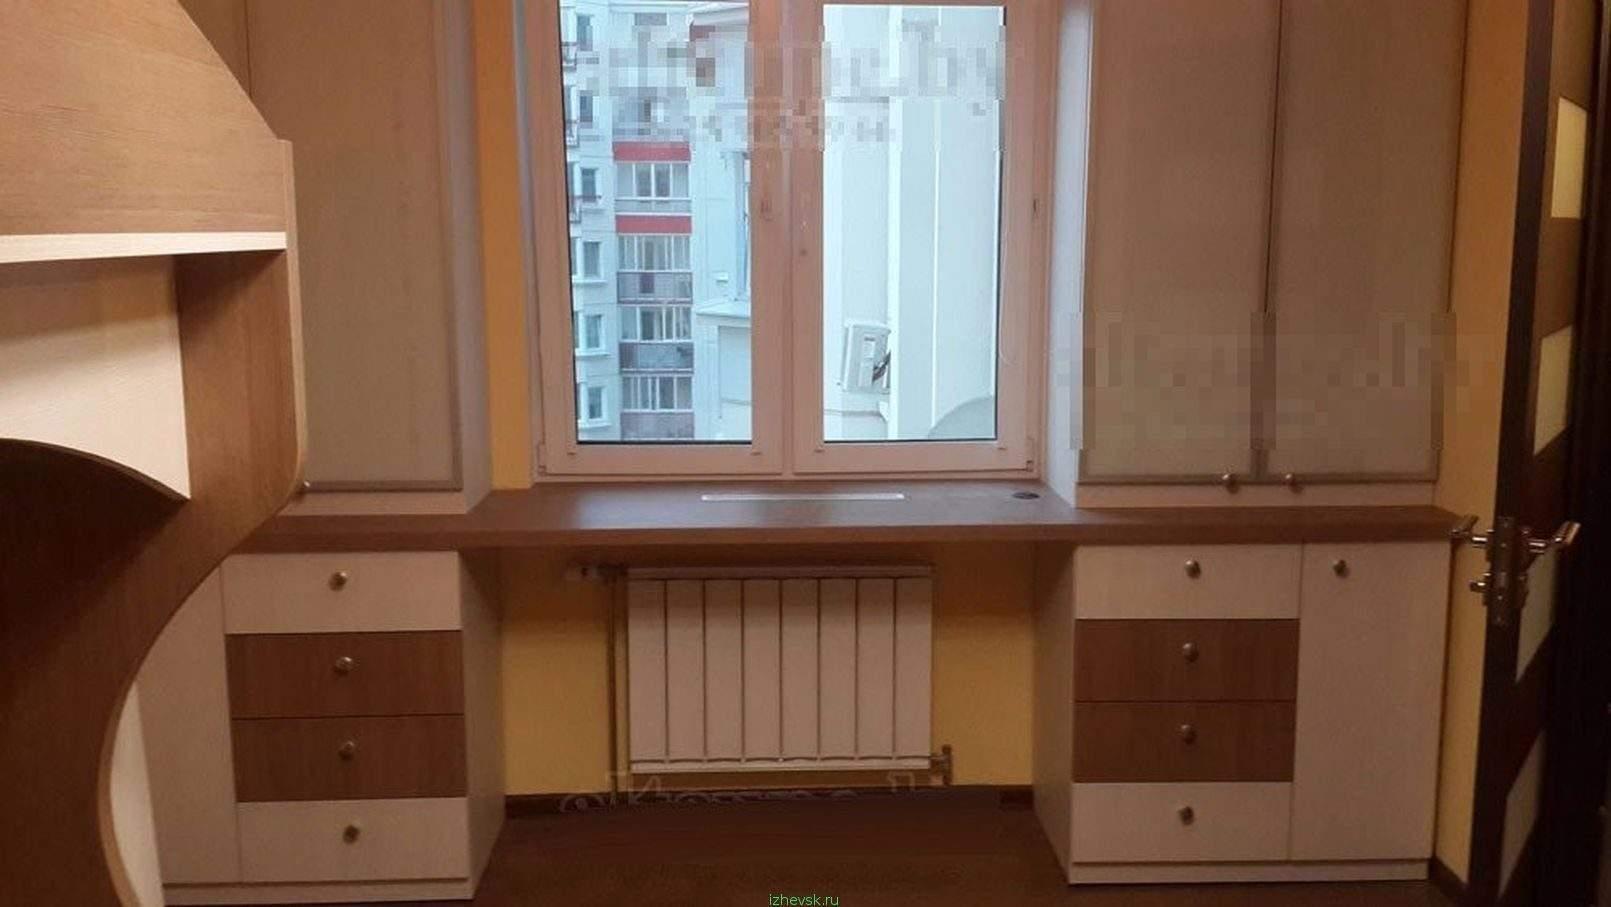 Ремонт квартиры своими руками - онлайн справочник мастера 92